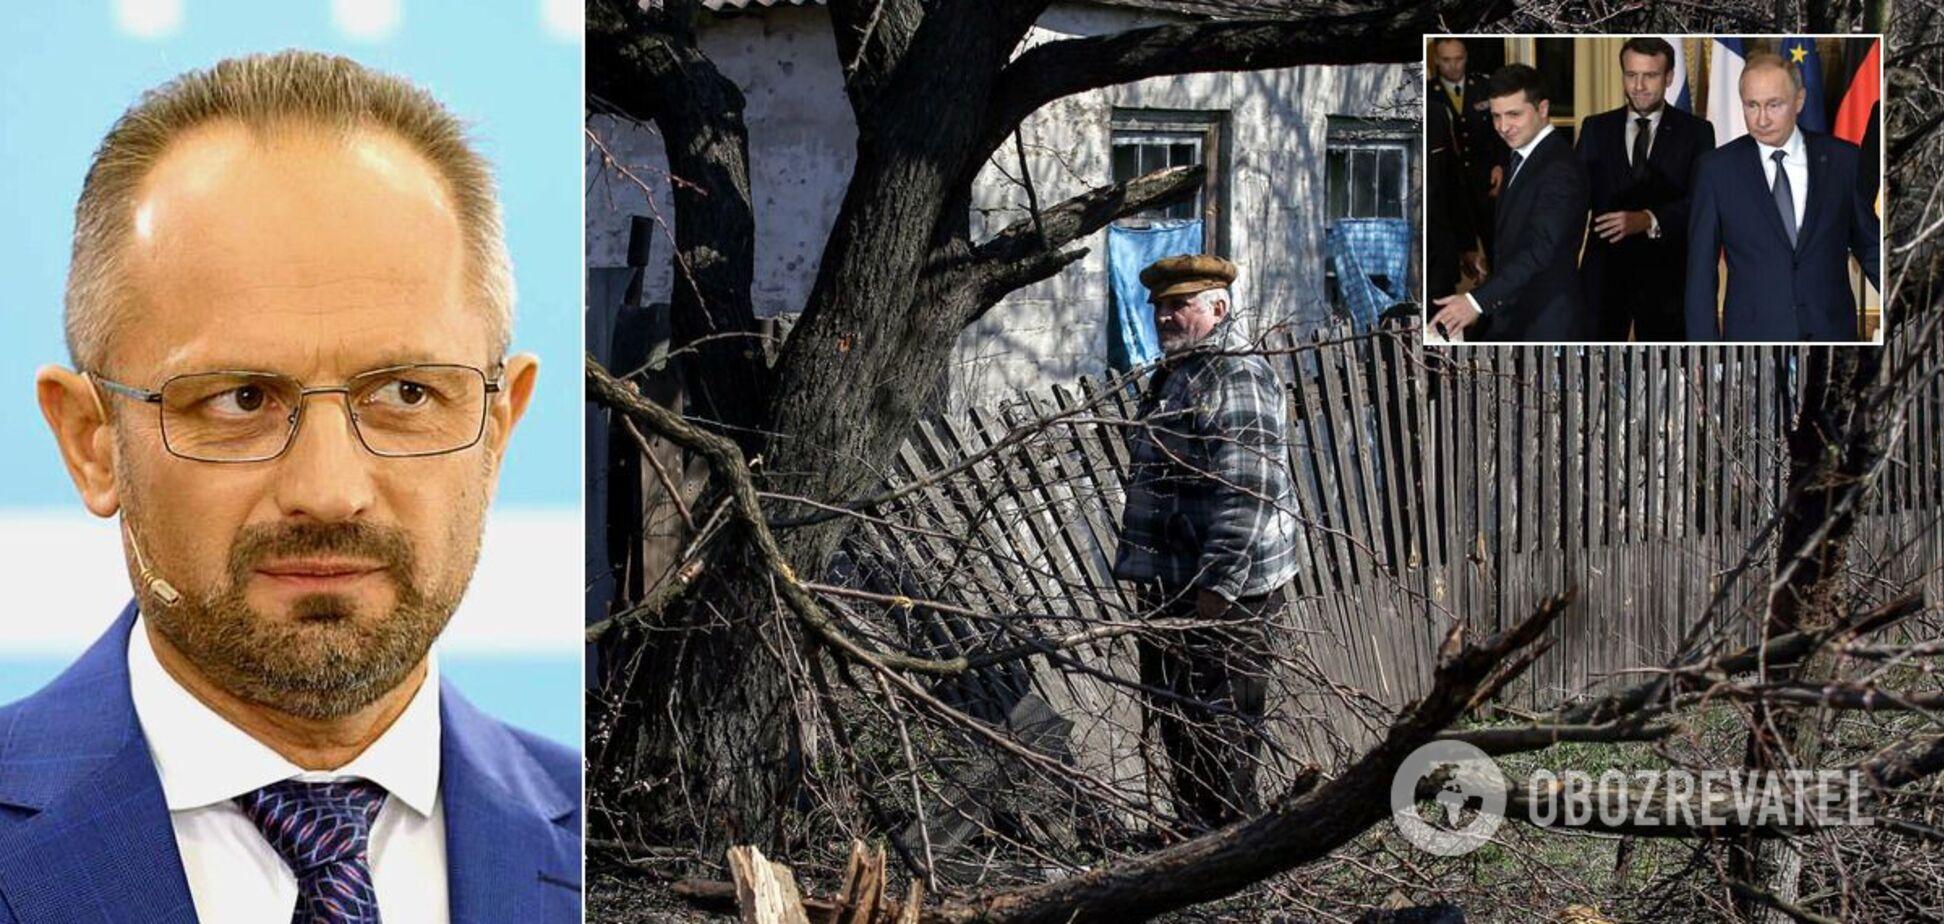 Безсмертний: реінтеграція Донбасу неможлива, прогинатися перед Путіним небезпечно